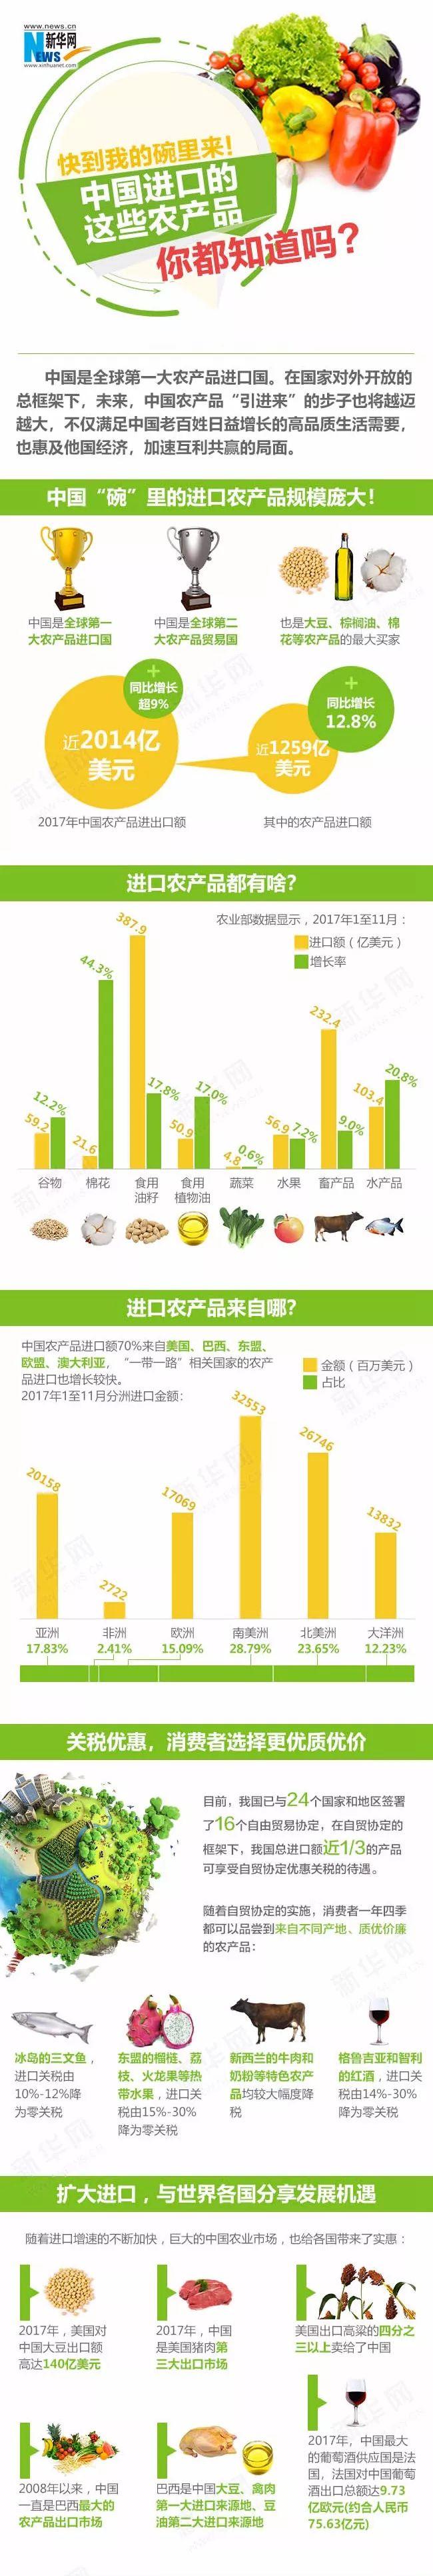 2018中国进口博览会进口农产品种类